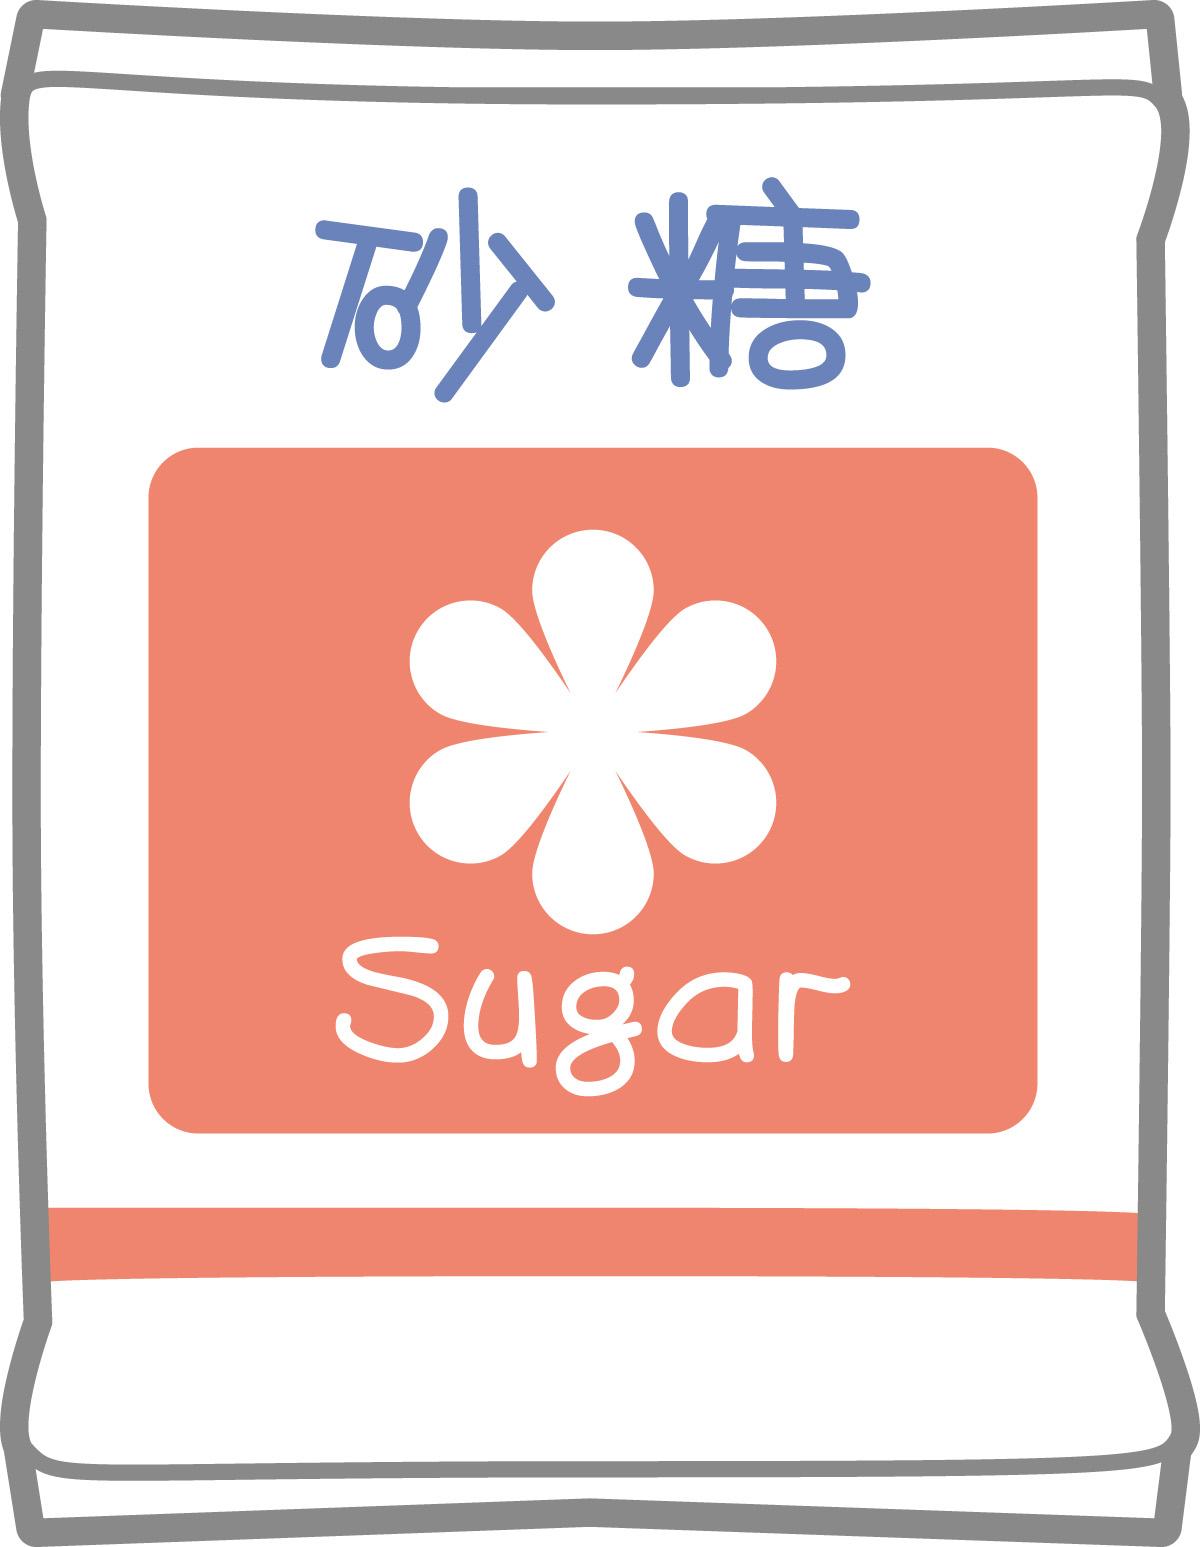 砂糖のイメージ画像